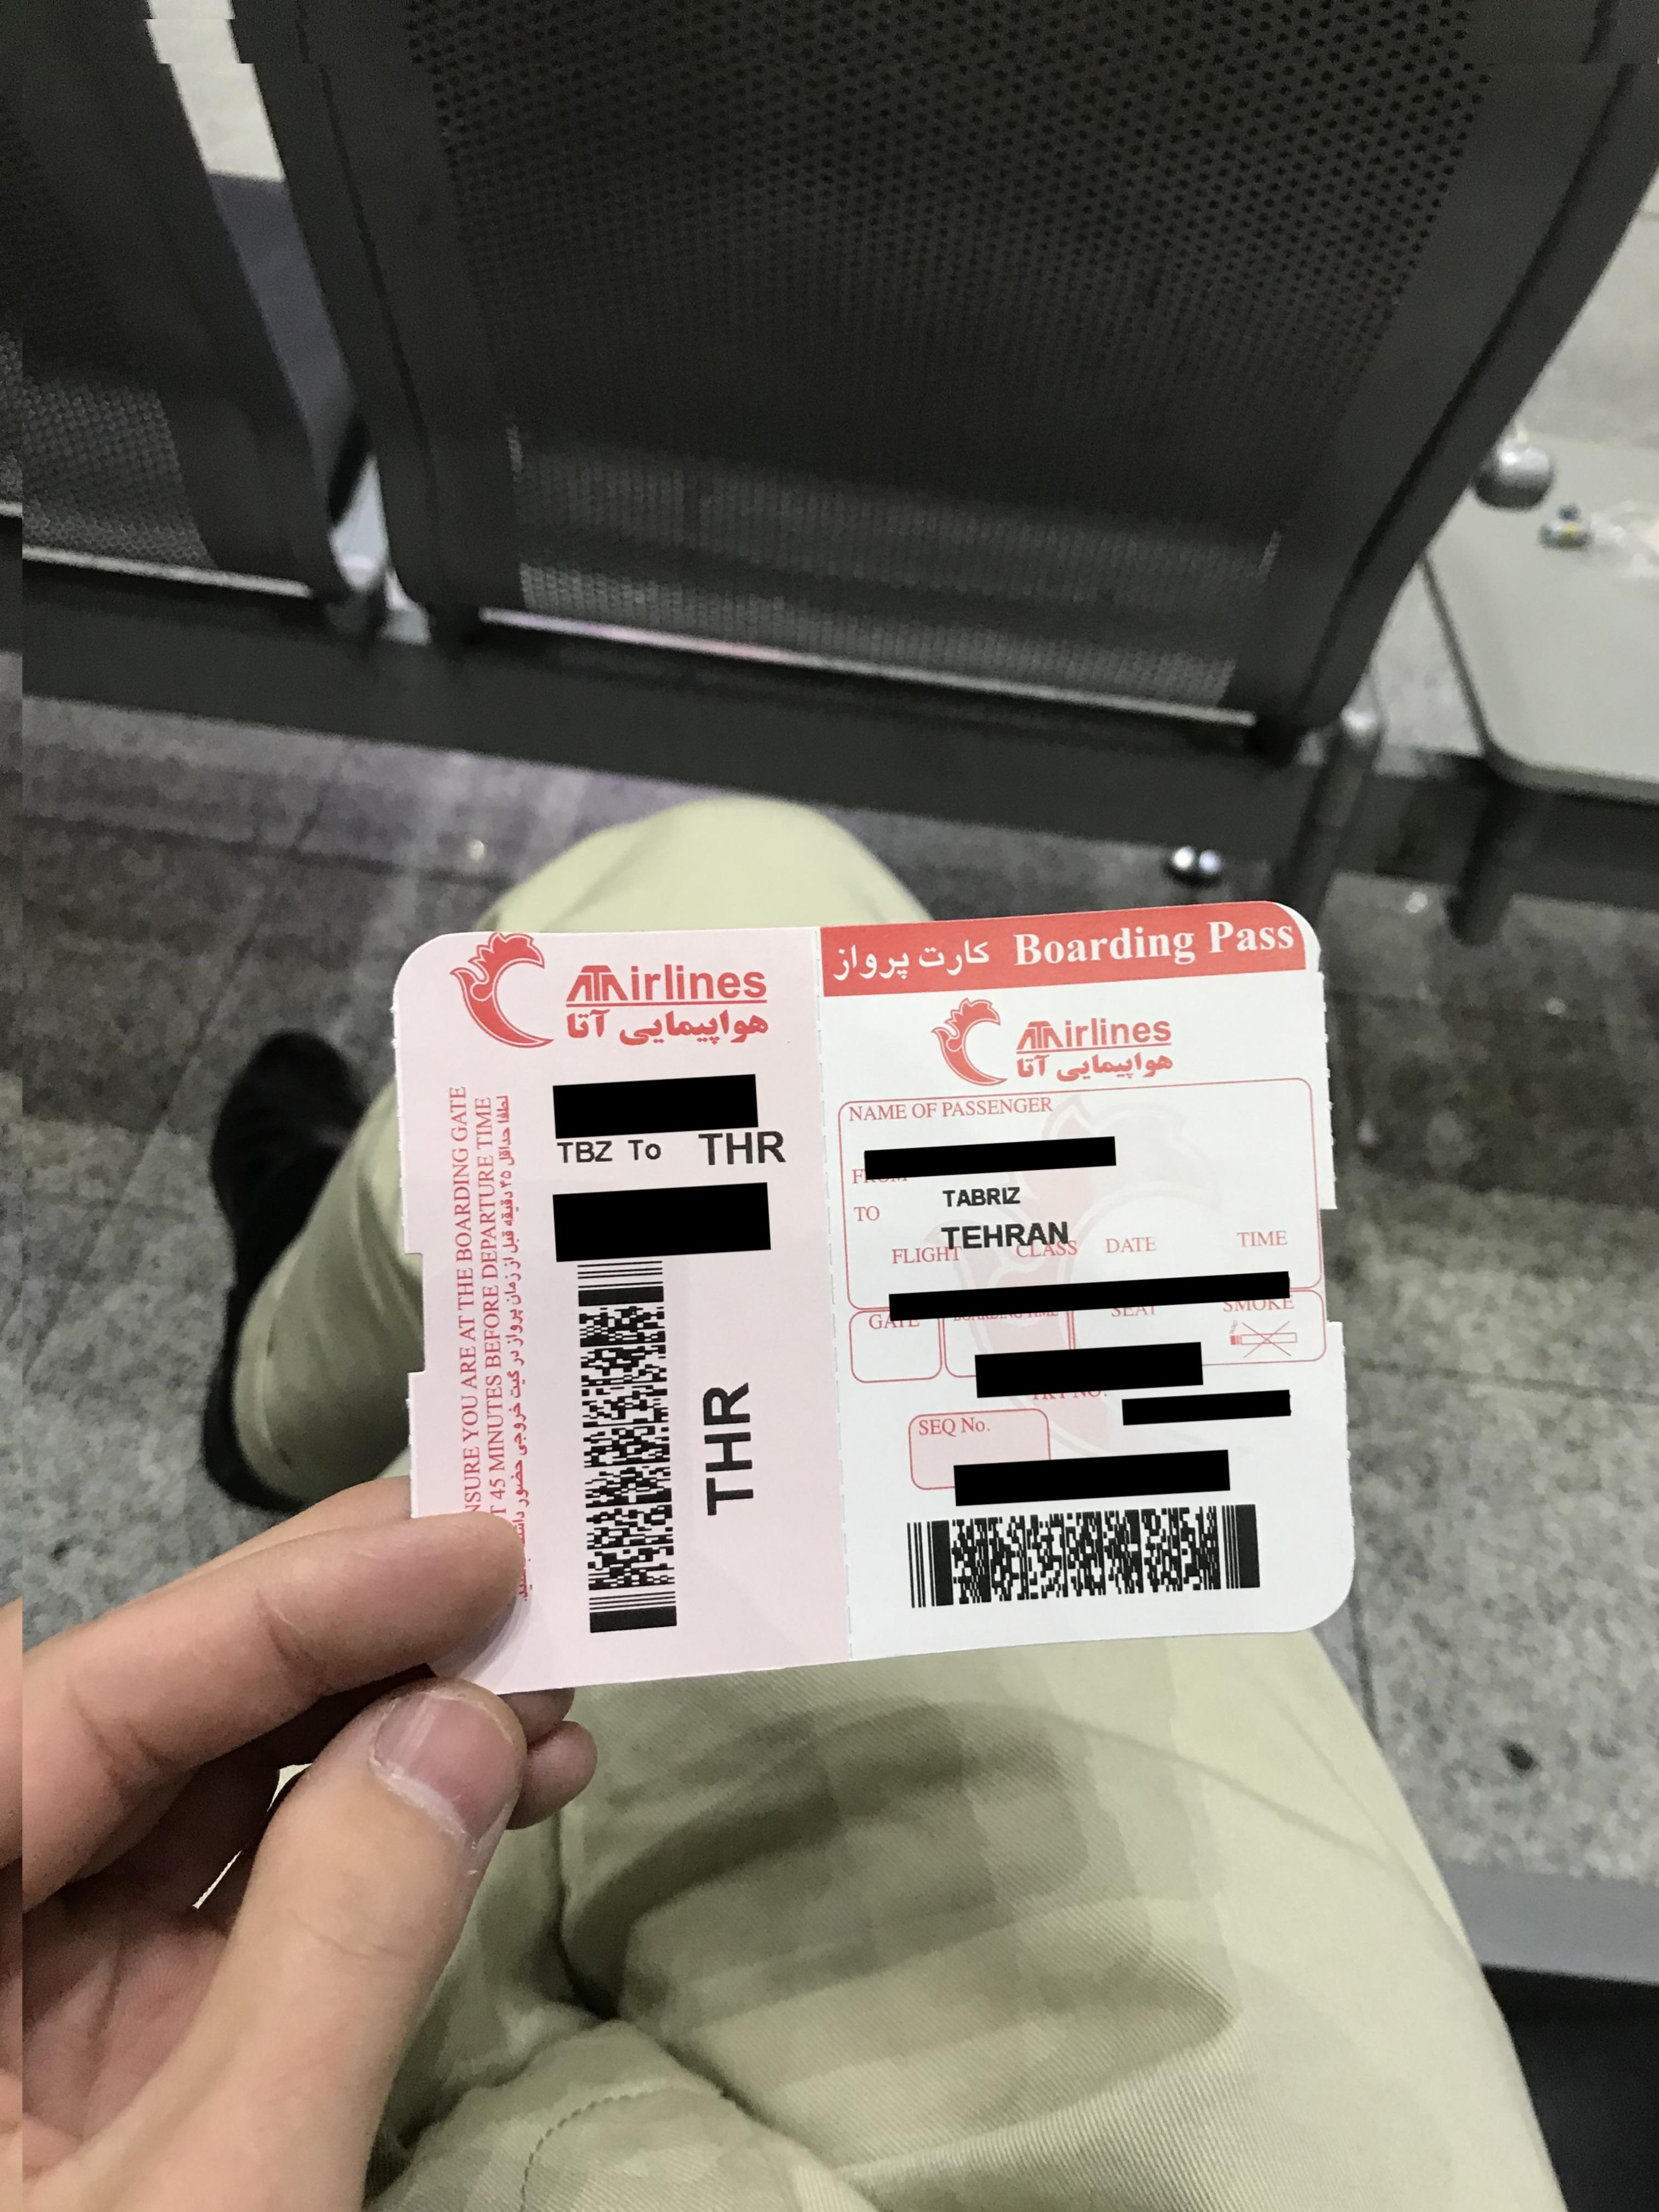 タブリーズ テヘラン チケット